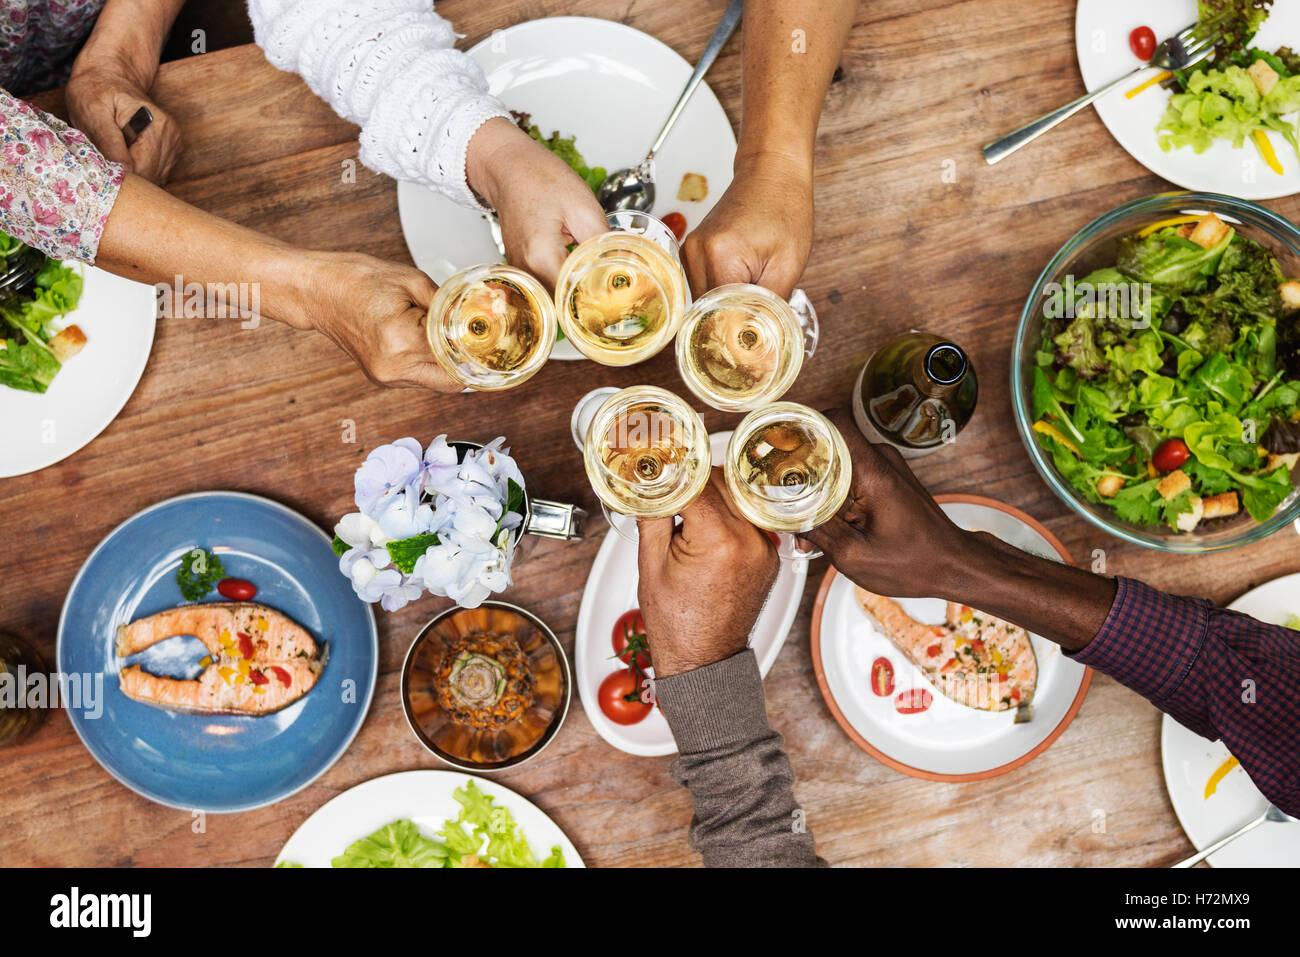 Amigos felicidad disfrutar comiendo comidas concepto Imagen De Stock